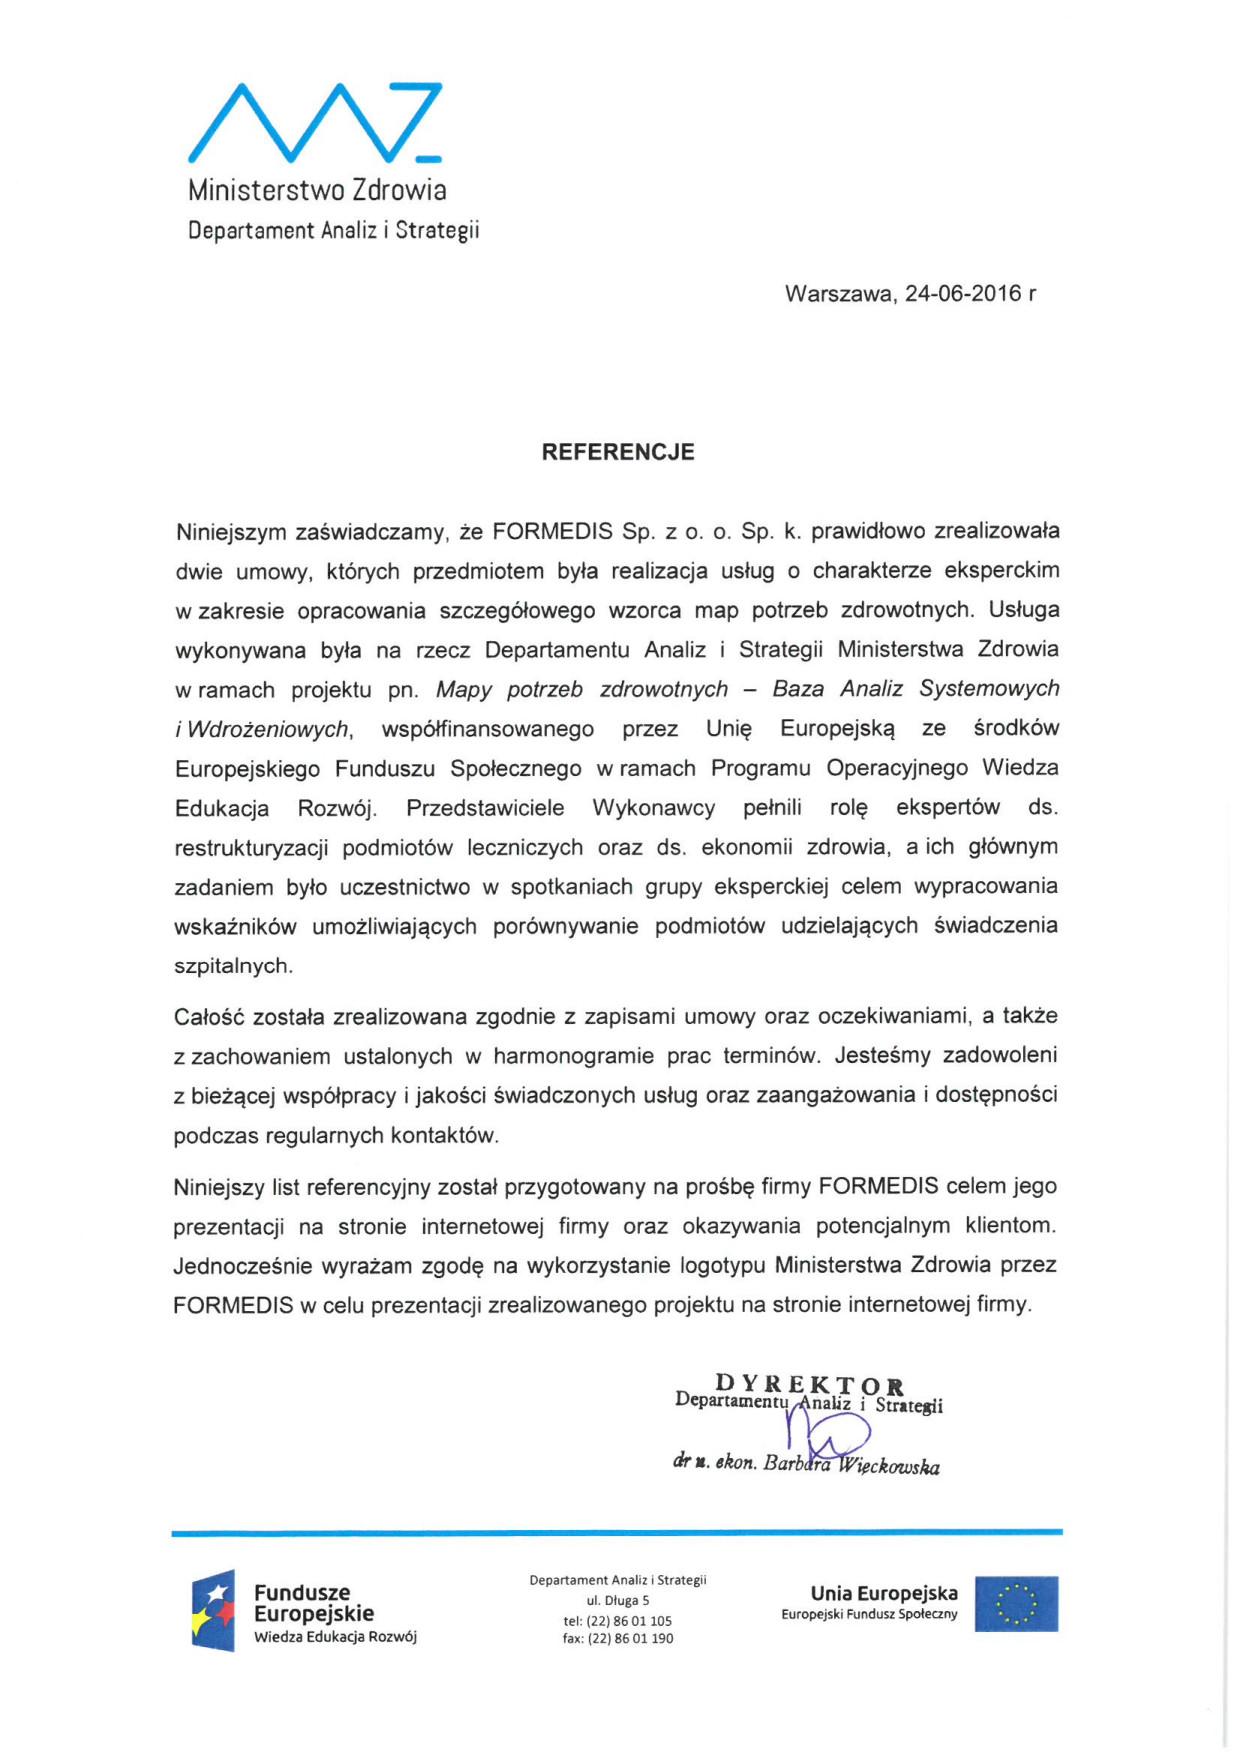 ministerstwo_zdrowia_referencje